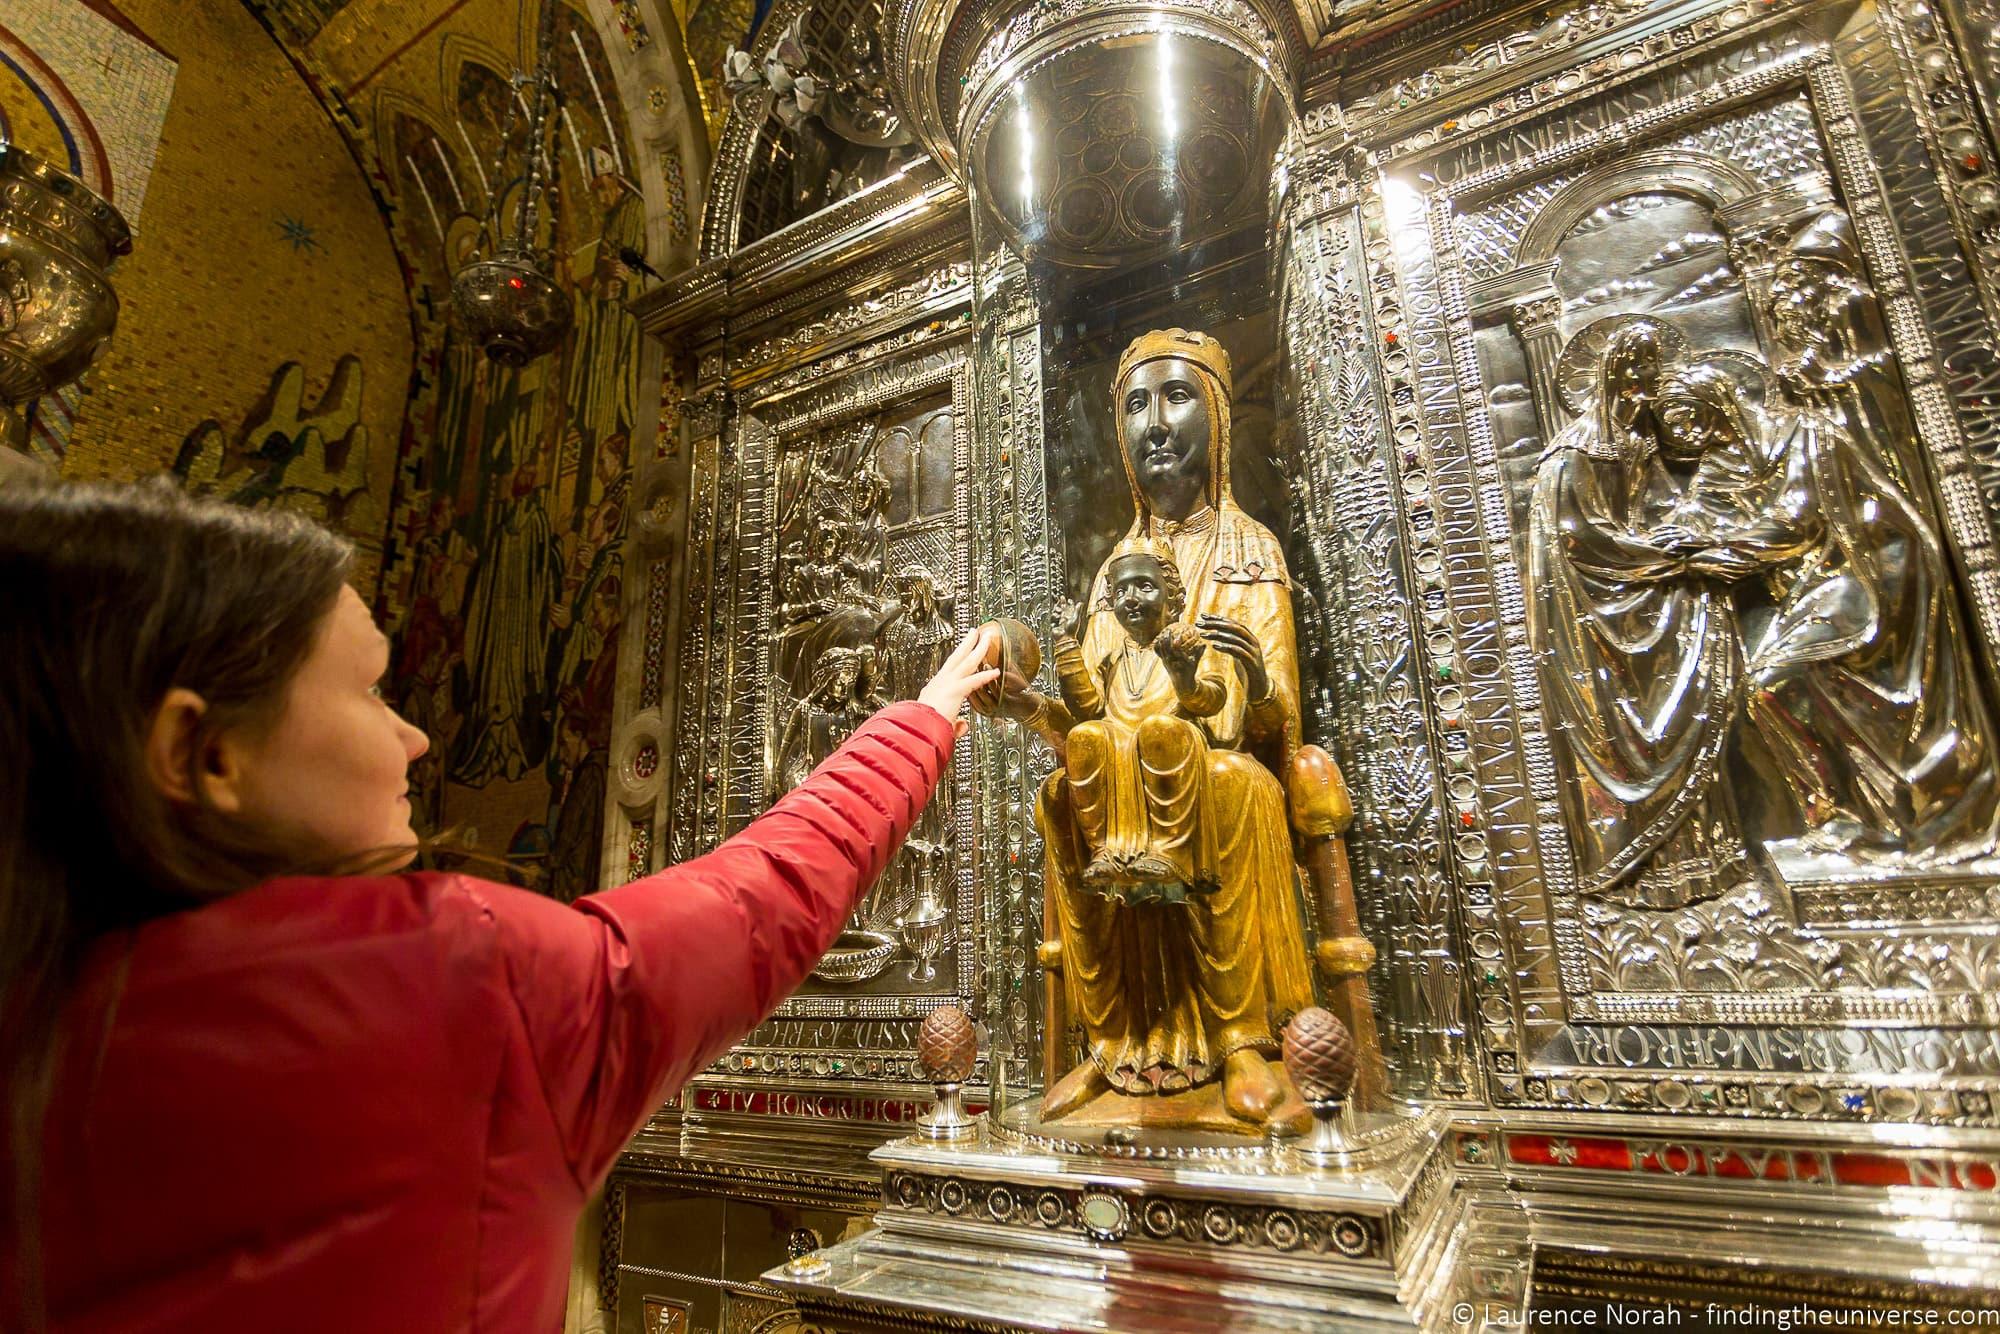 Virgin of Montserrat statue